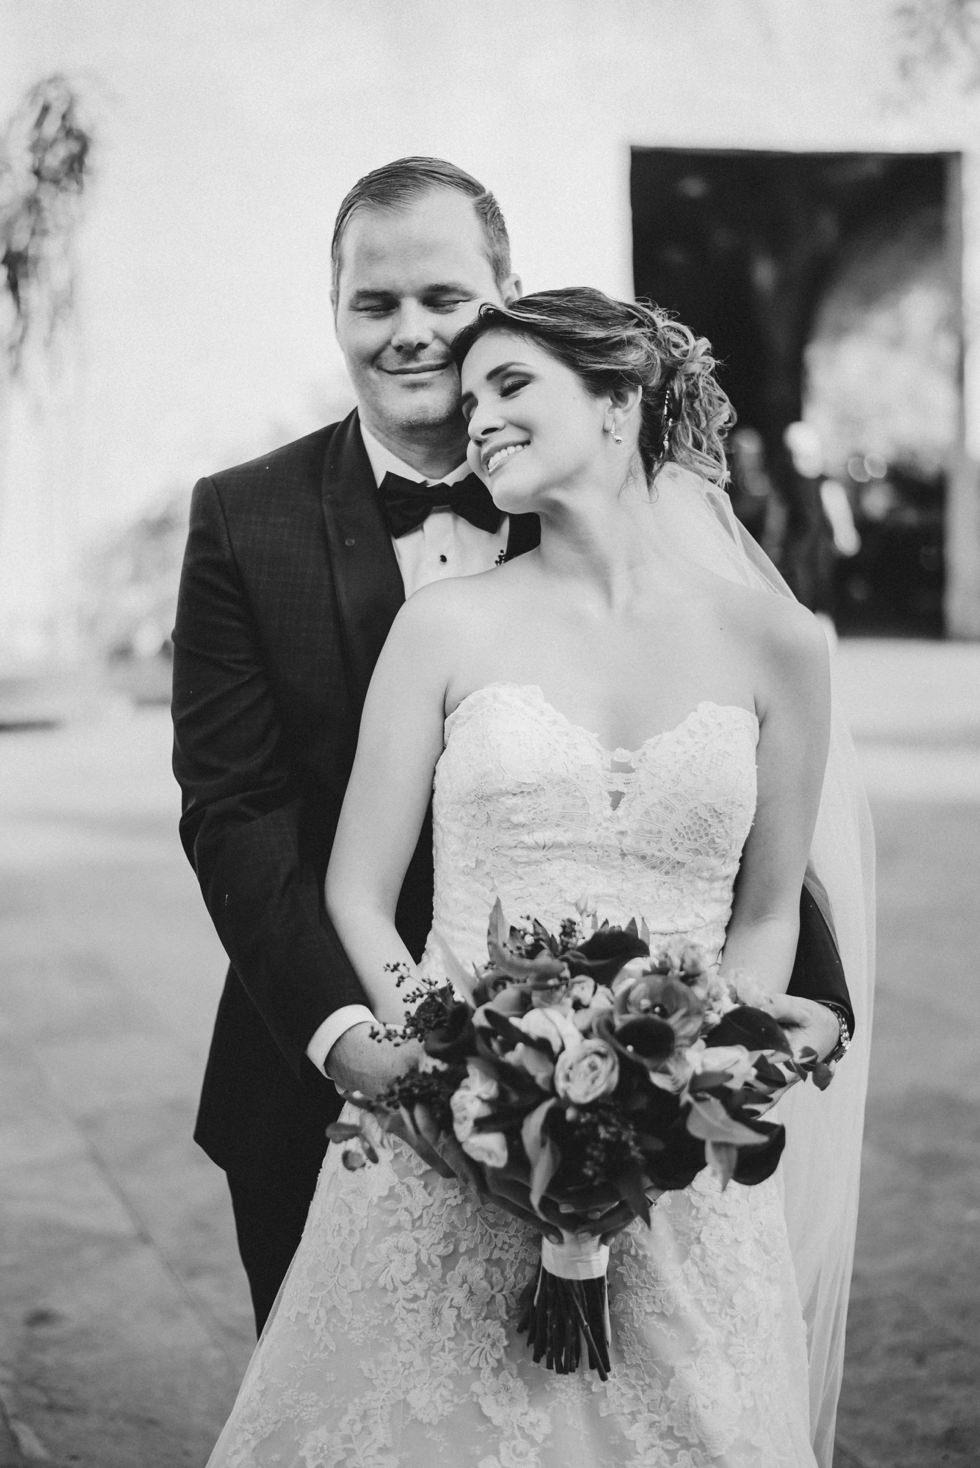 weddingdreams-fotografos_profesionales_de_bodas_1568.jpg